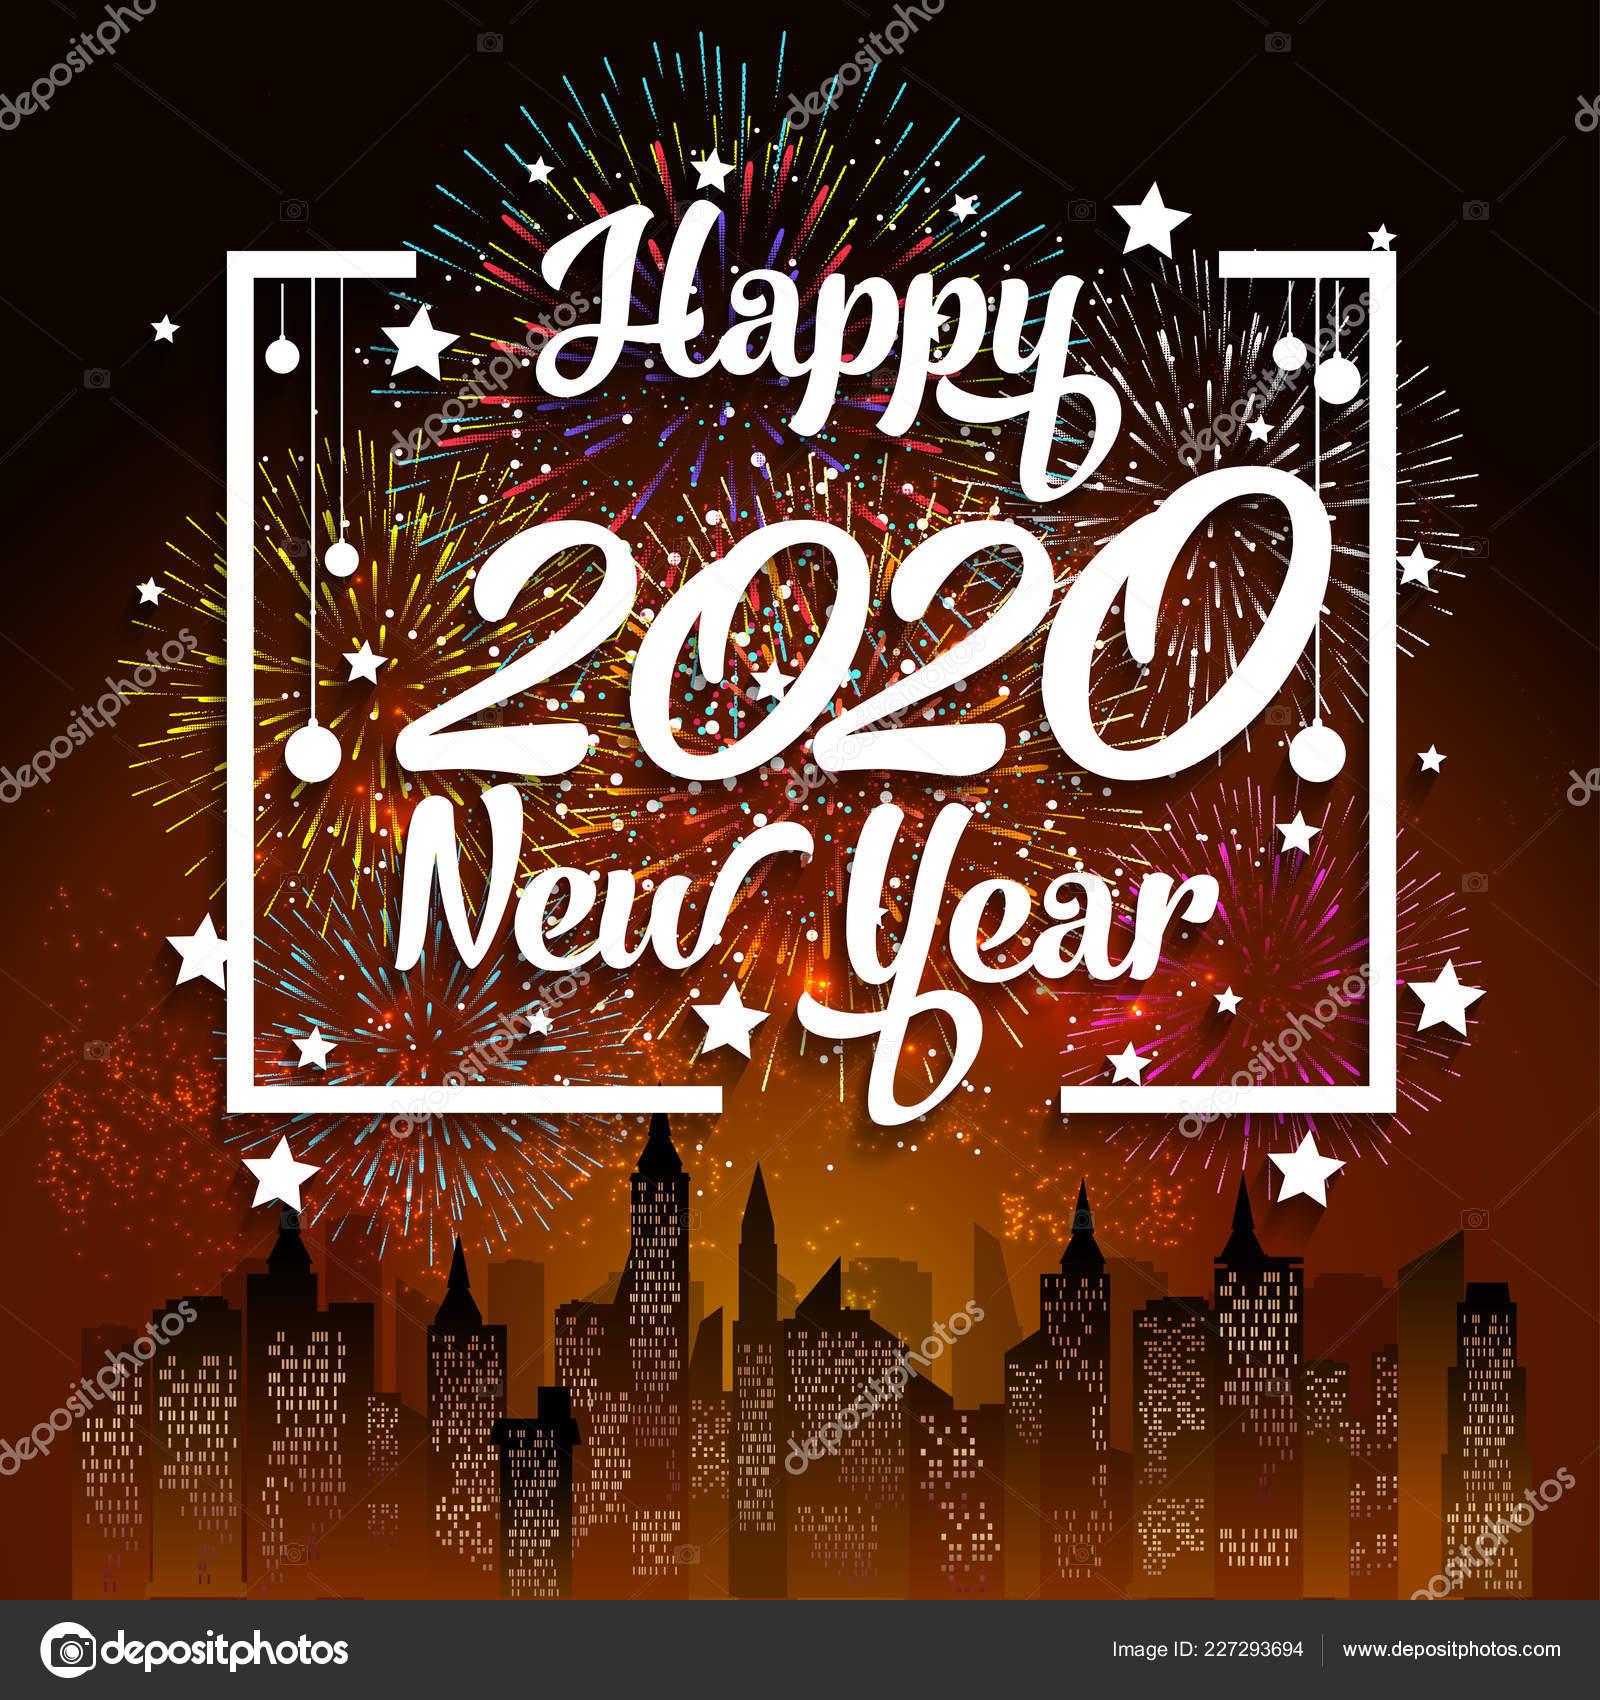 Imagini pentru happy 2020